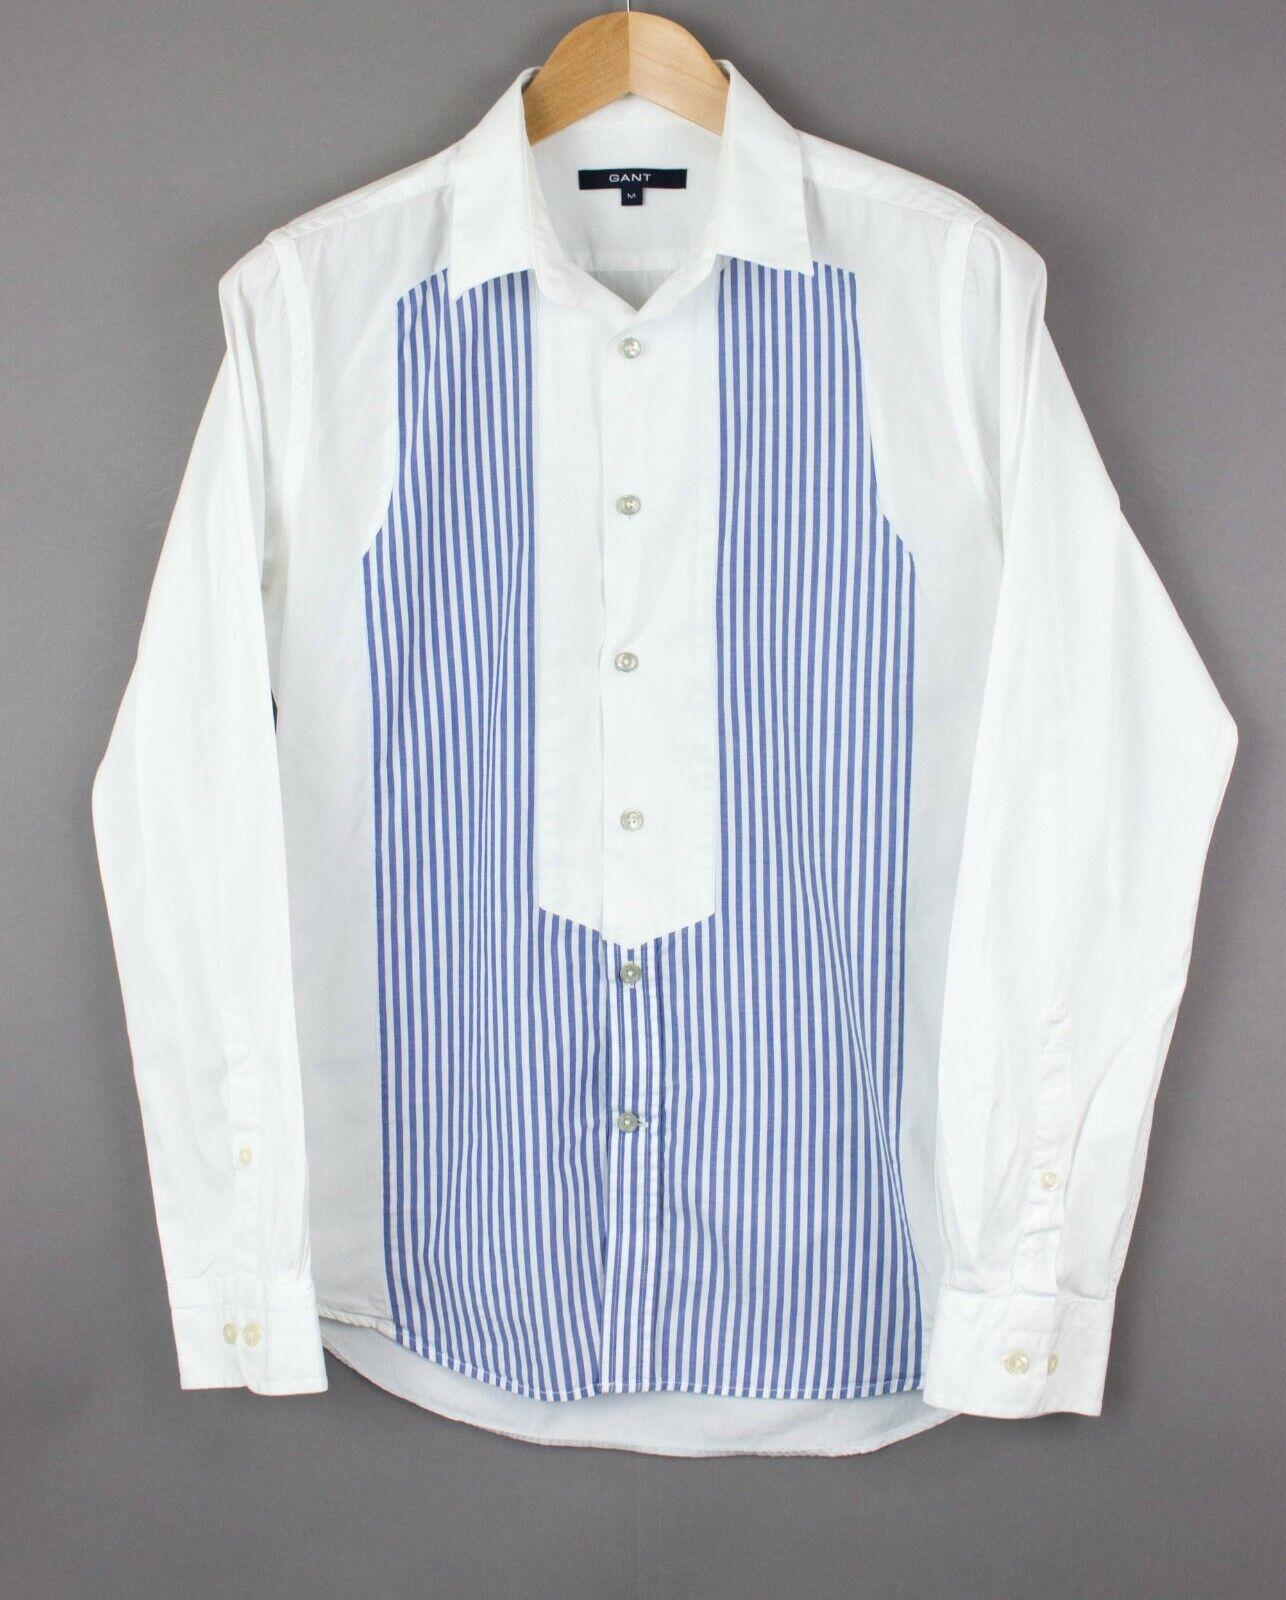 Casual Righe E Uomo Maniche A Da Lunghe Camicia Formale Gant 8POXnwN0k